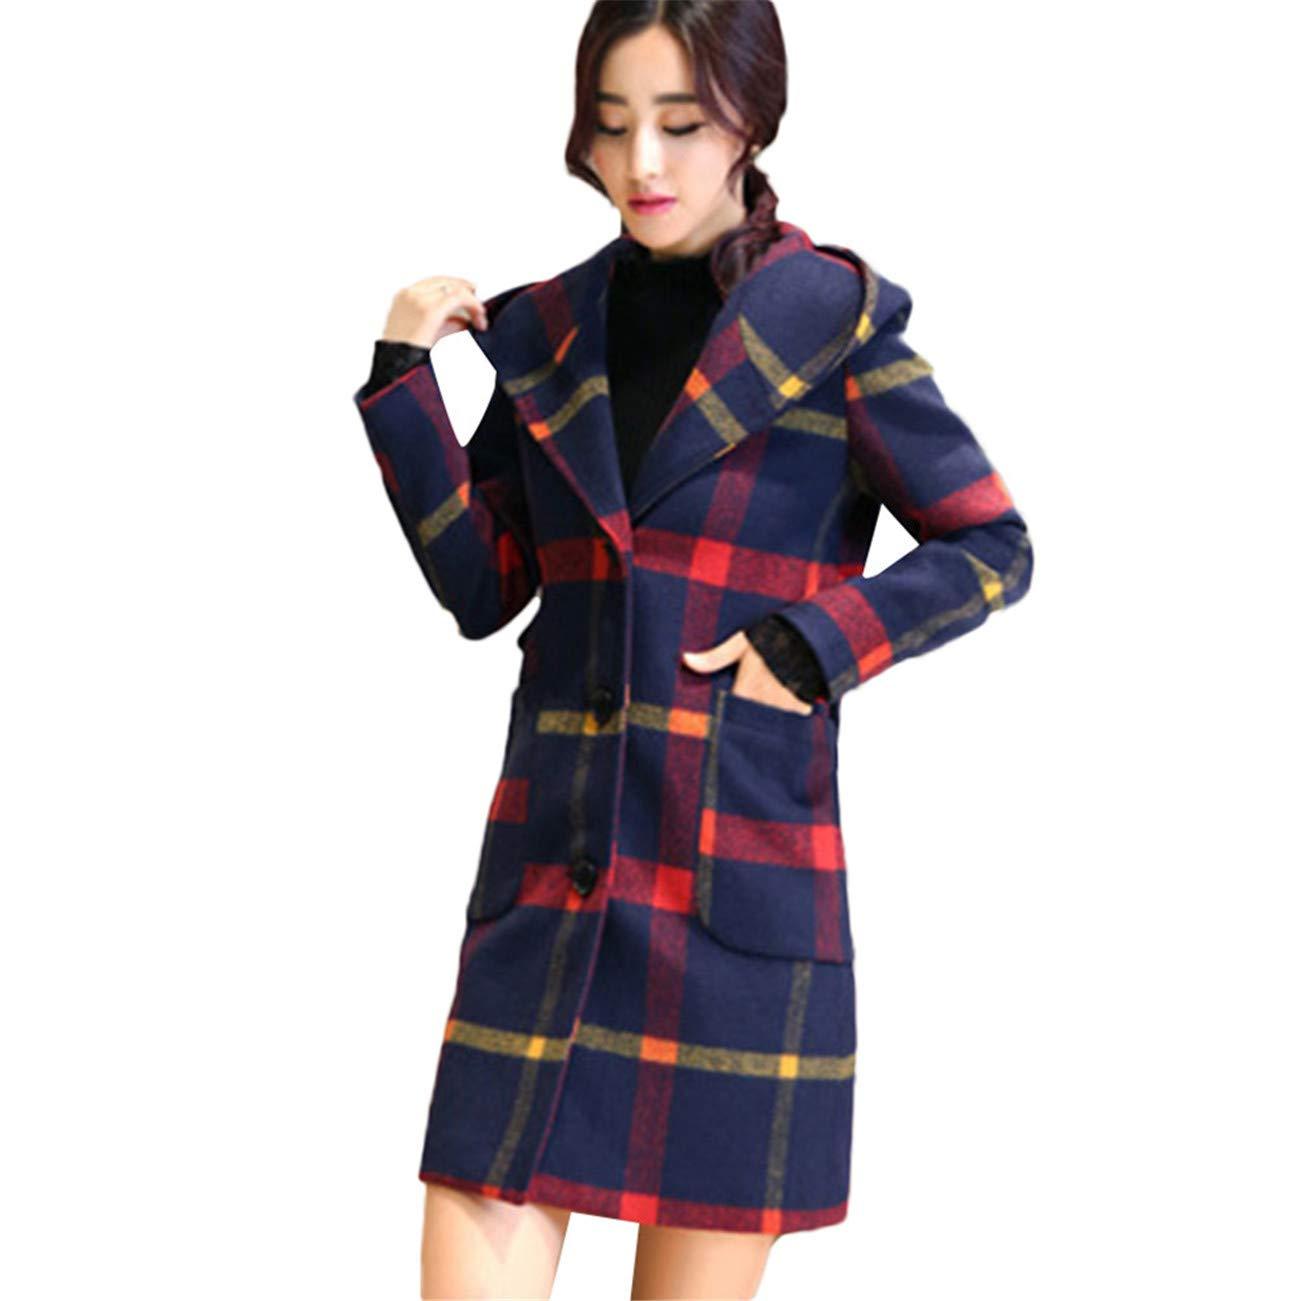 AMUSTER -Inverno Autunno Donna Elegante Cerimonia Fashion Casual Moda Manica Lunga con Cappuccio in Tartan Giacca di Lana Cappotto con Tasca